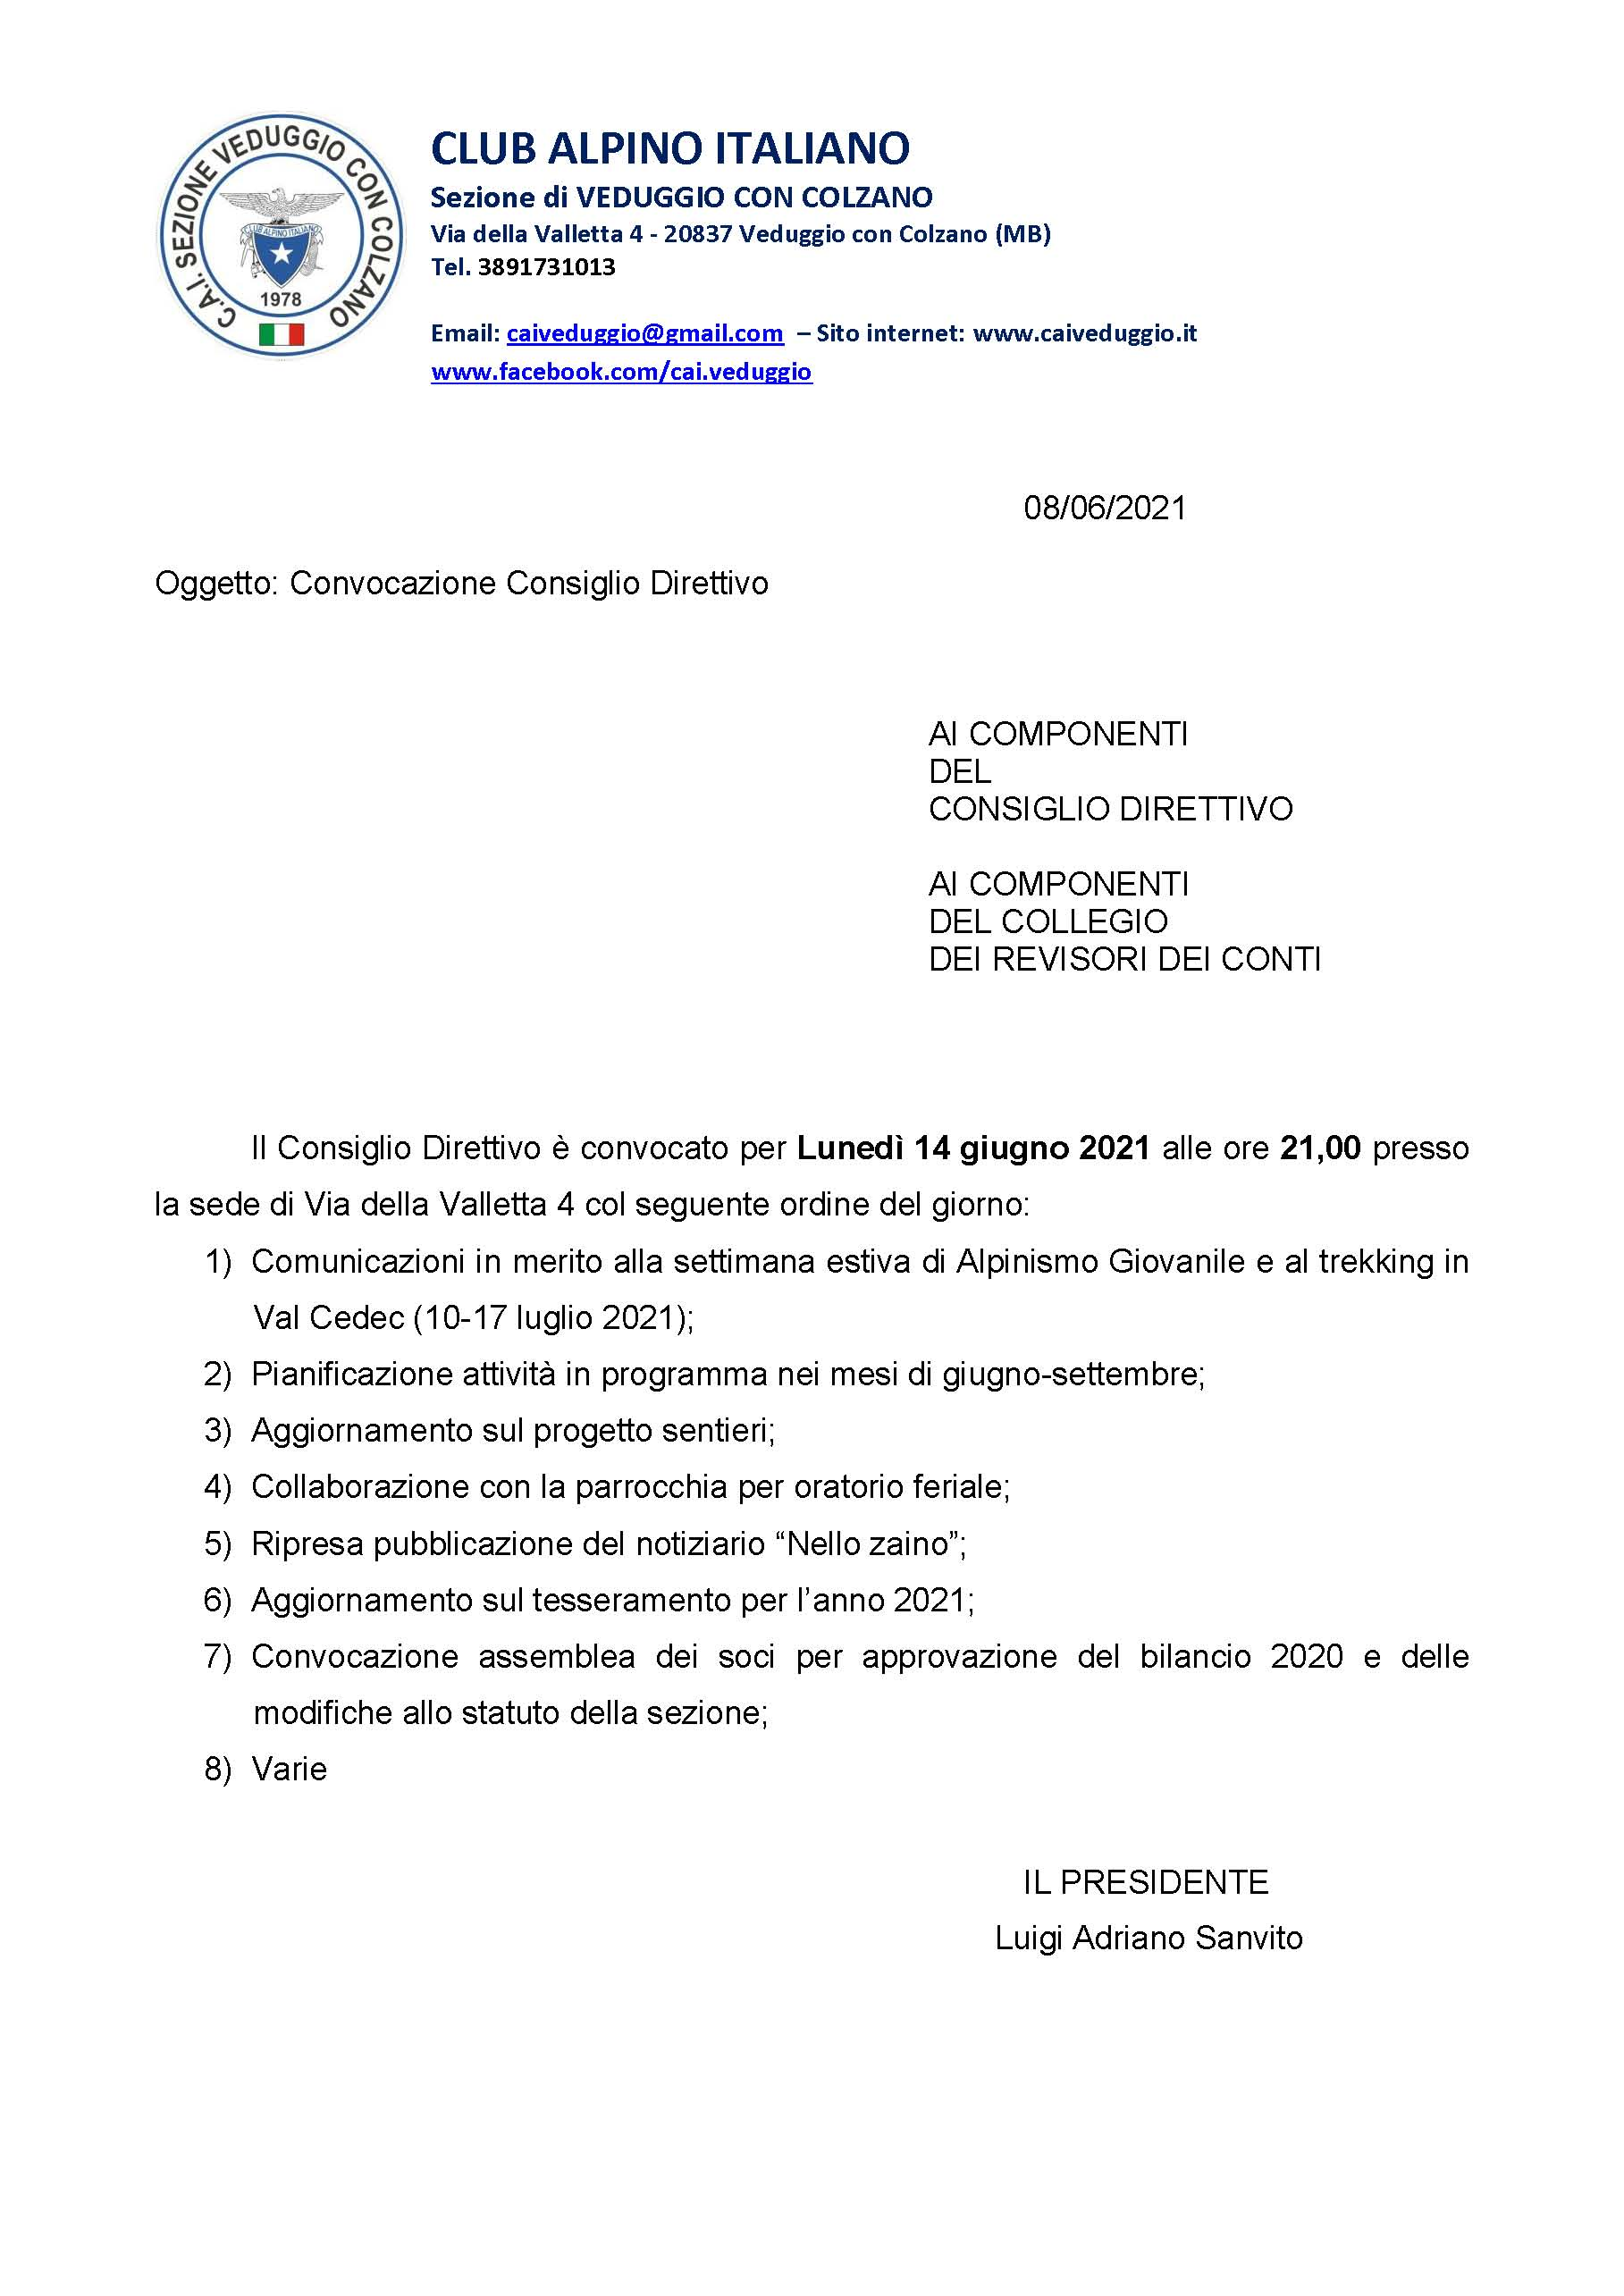 Convocazione Consiglio Direttivo